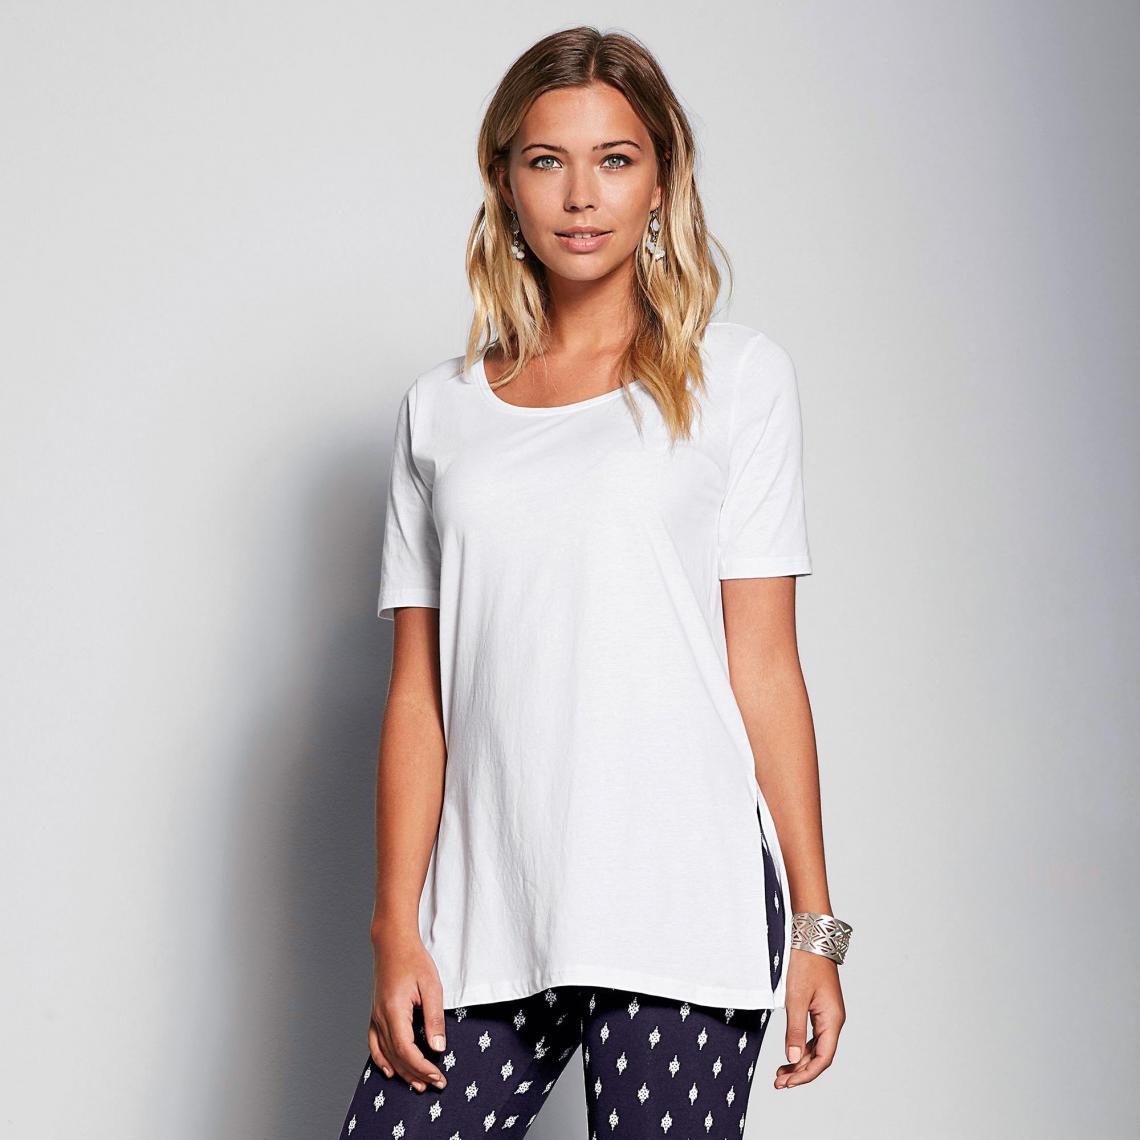 4aa9bab197c Tee-shirt long fendu manches courtes femme - Blanc 3 SUISSES Femme